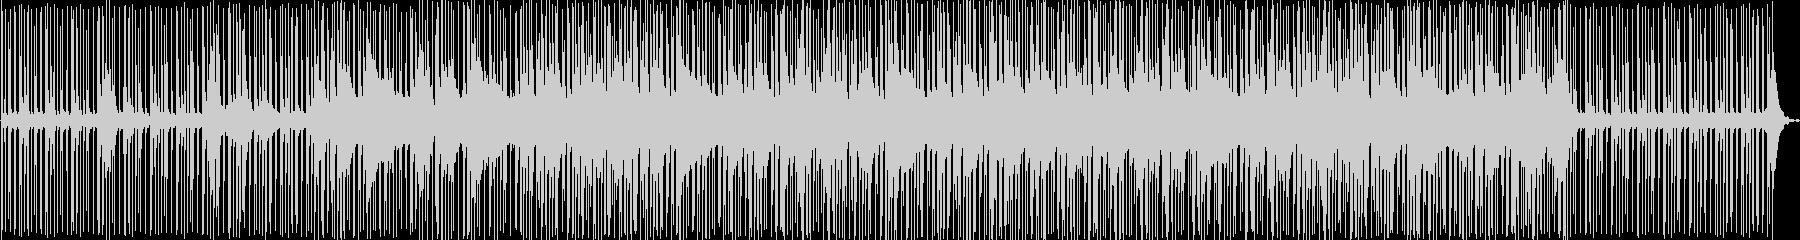 メランコリックの未再生の波形